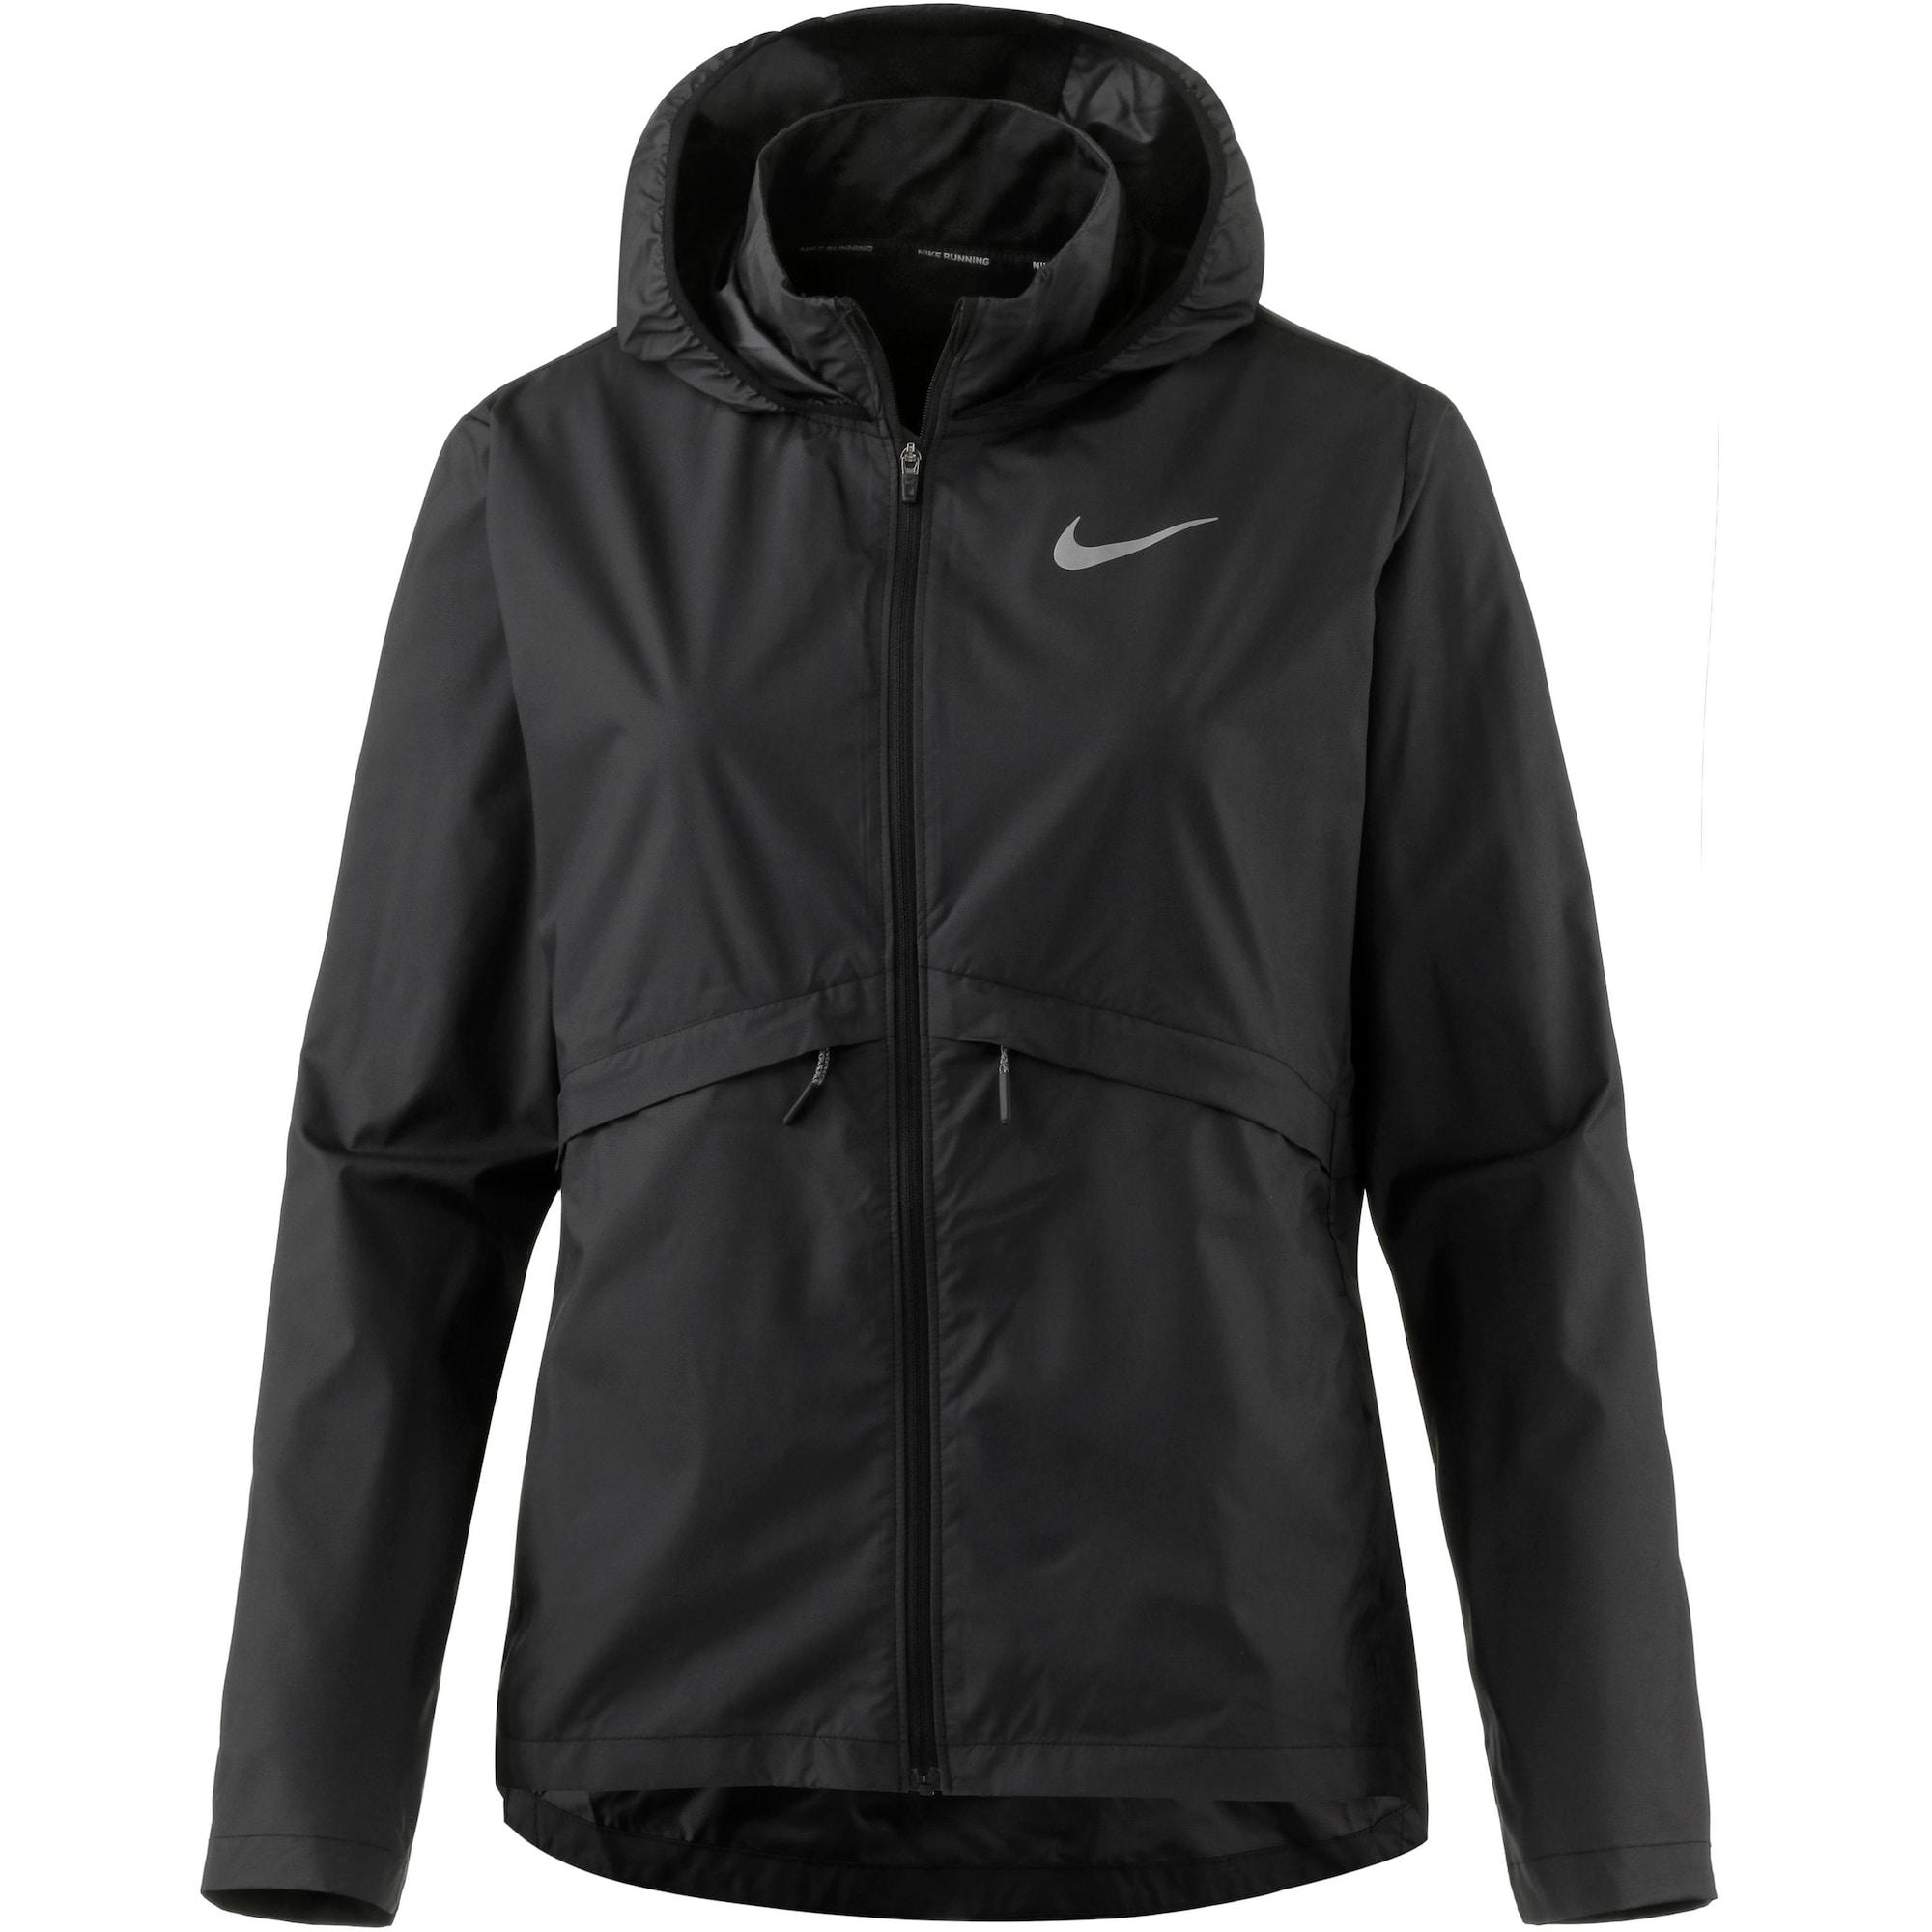 Laufjacke 'Essential' | Sportbekleidung > Sportjacken > Laufjacken | Nike